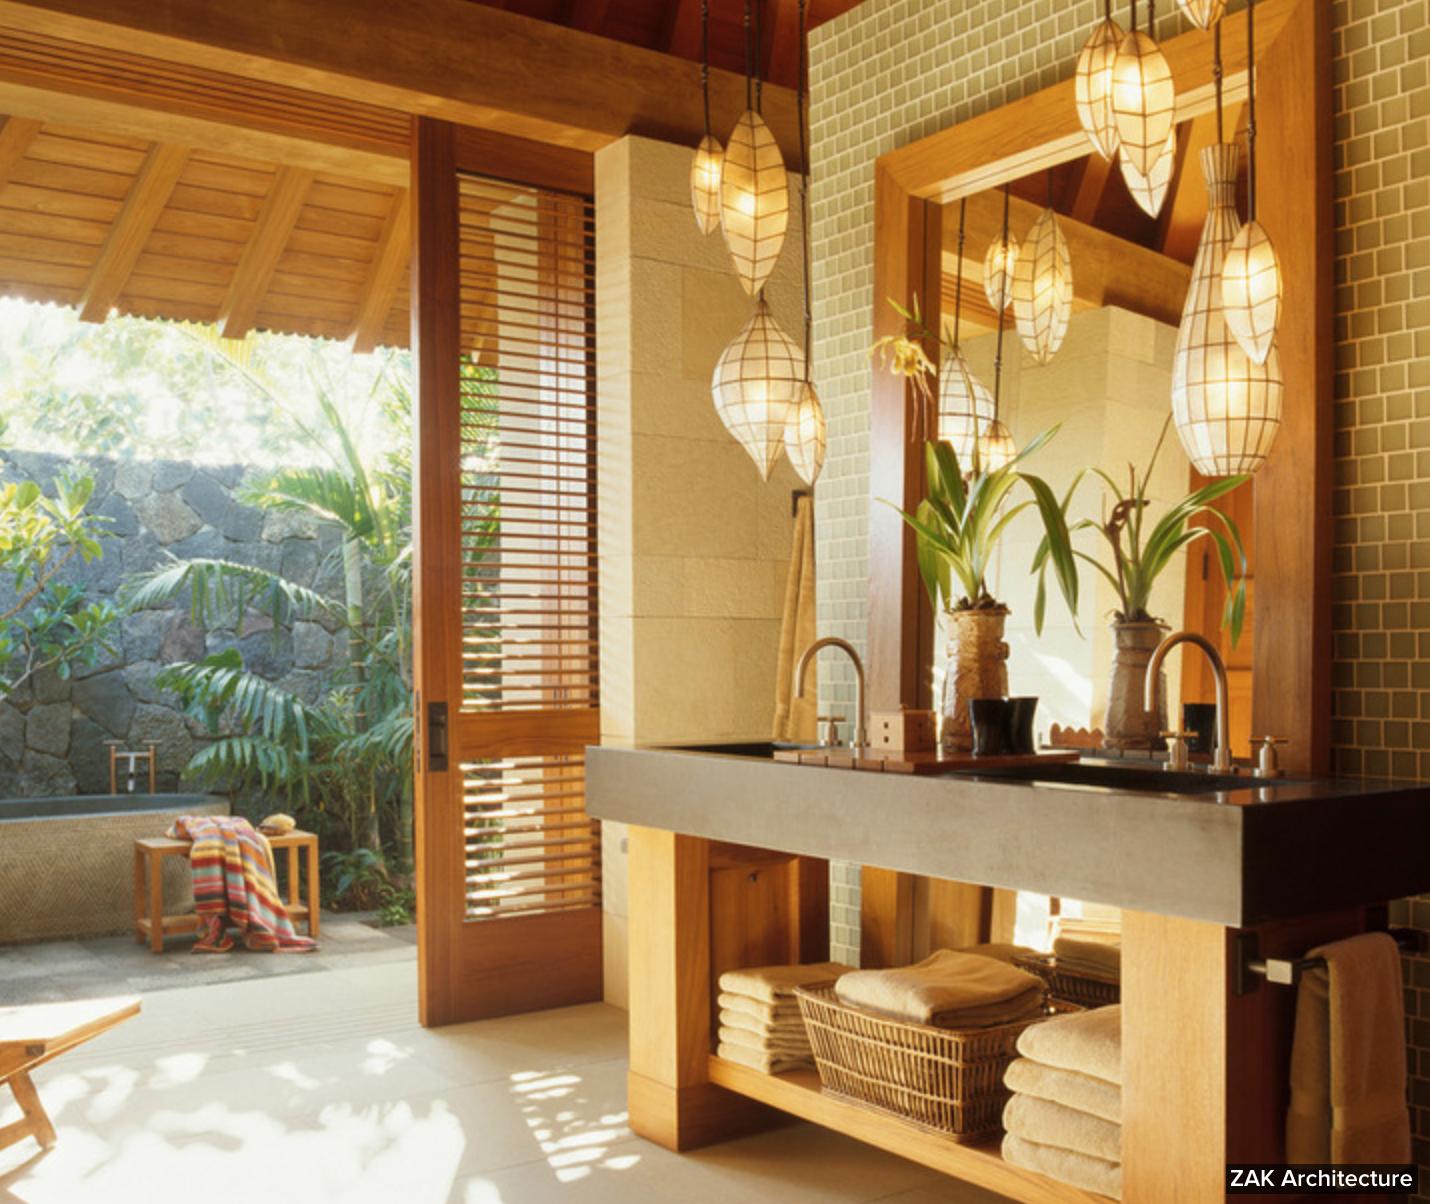 Banheiros super originais decorandoonline #743C18 1430x1204